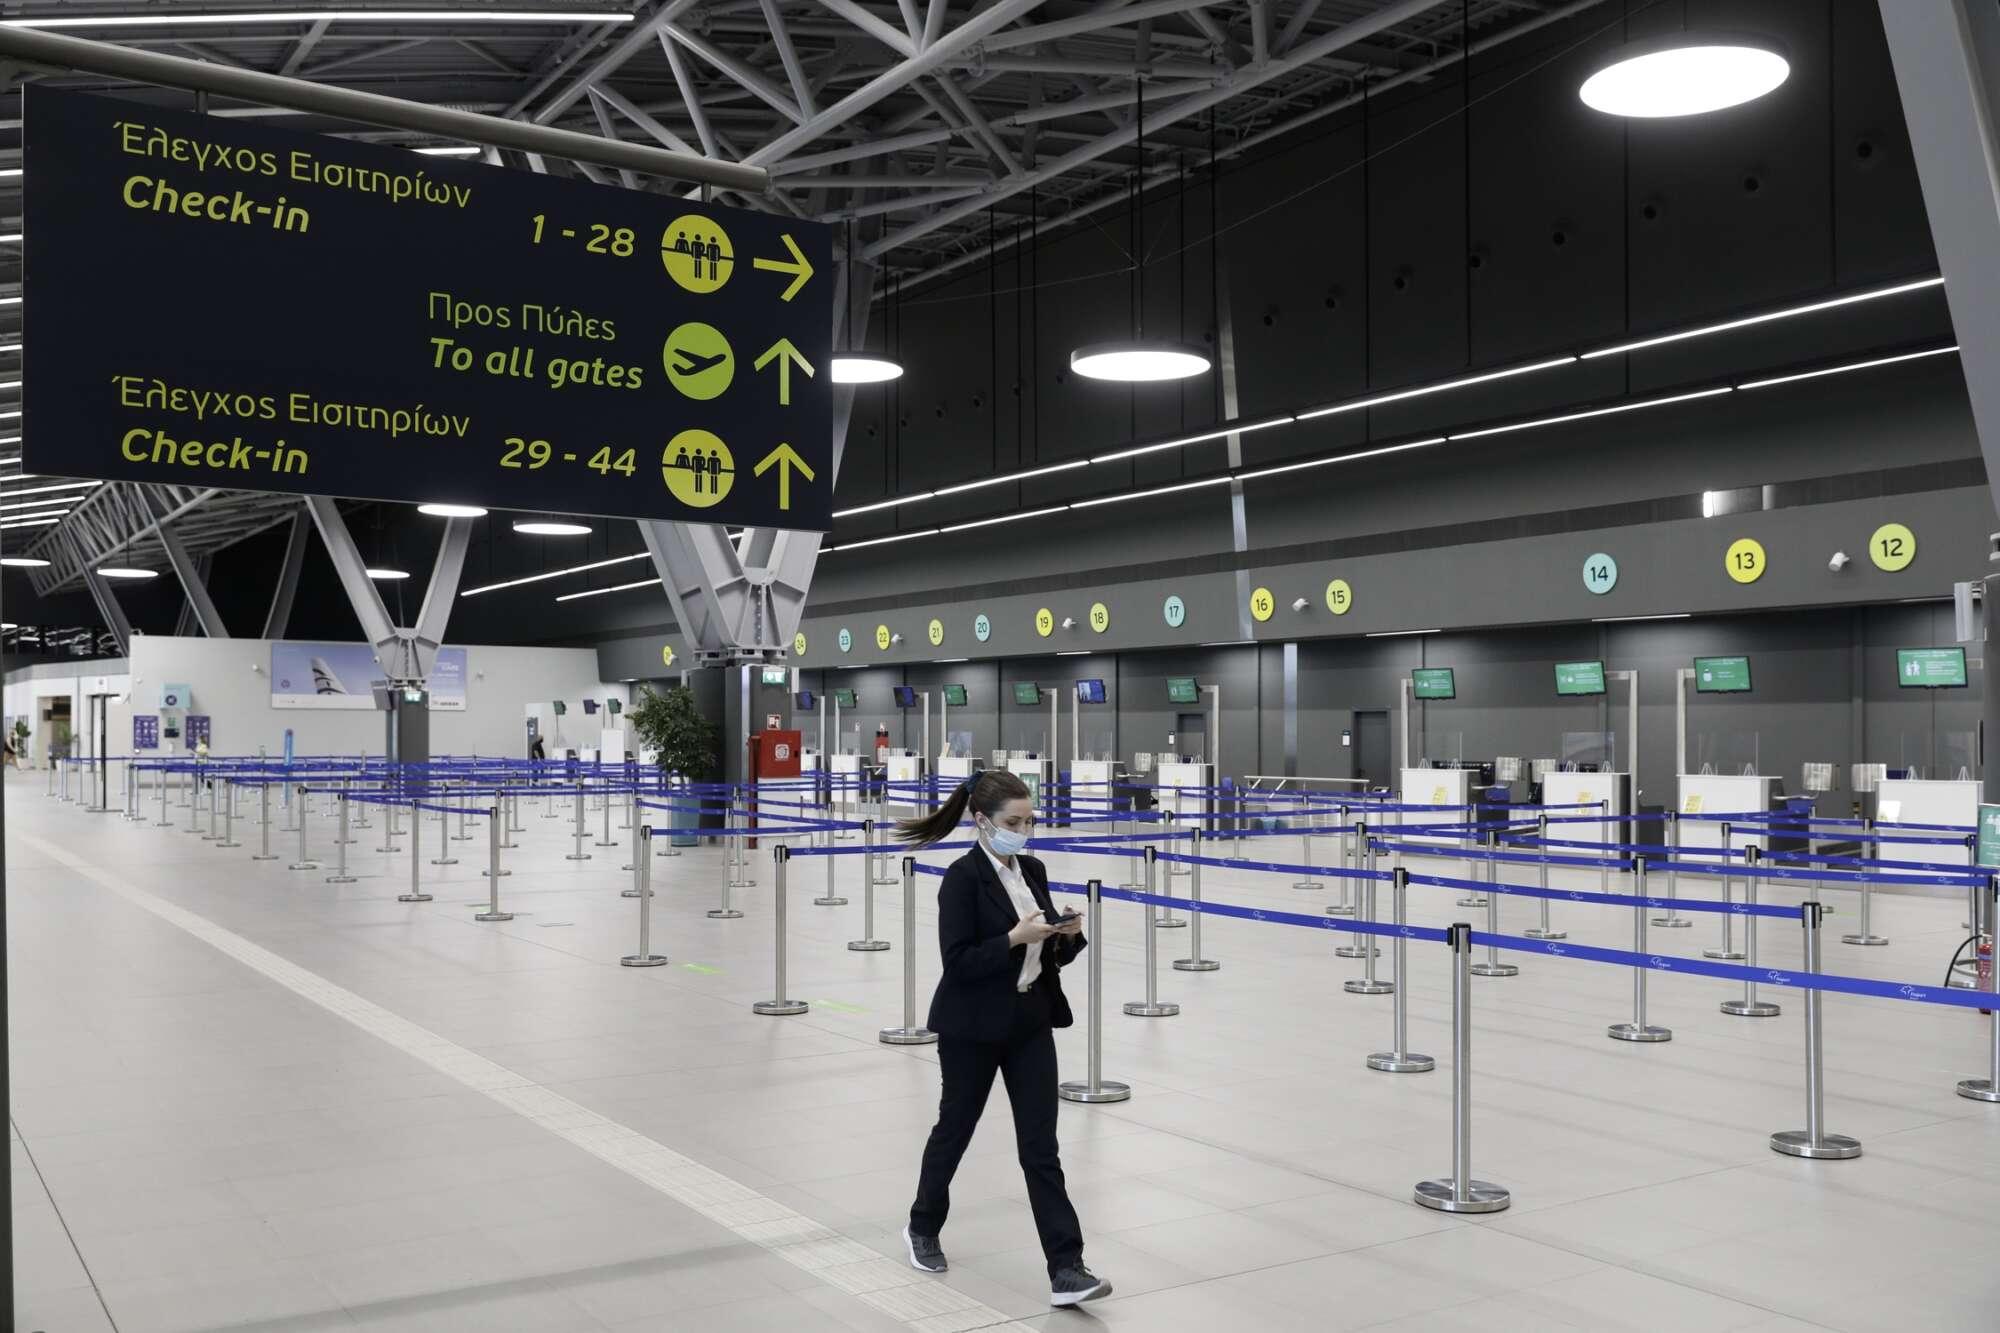 Η άμεση εξυπηρέτηση των ταξιδιωτών είναι το μεγάλο στοίχημα που απομένει να κερδηθεί, πλέον...